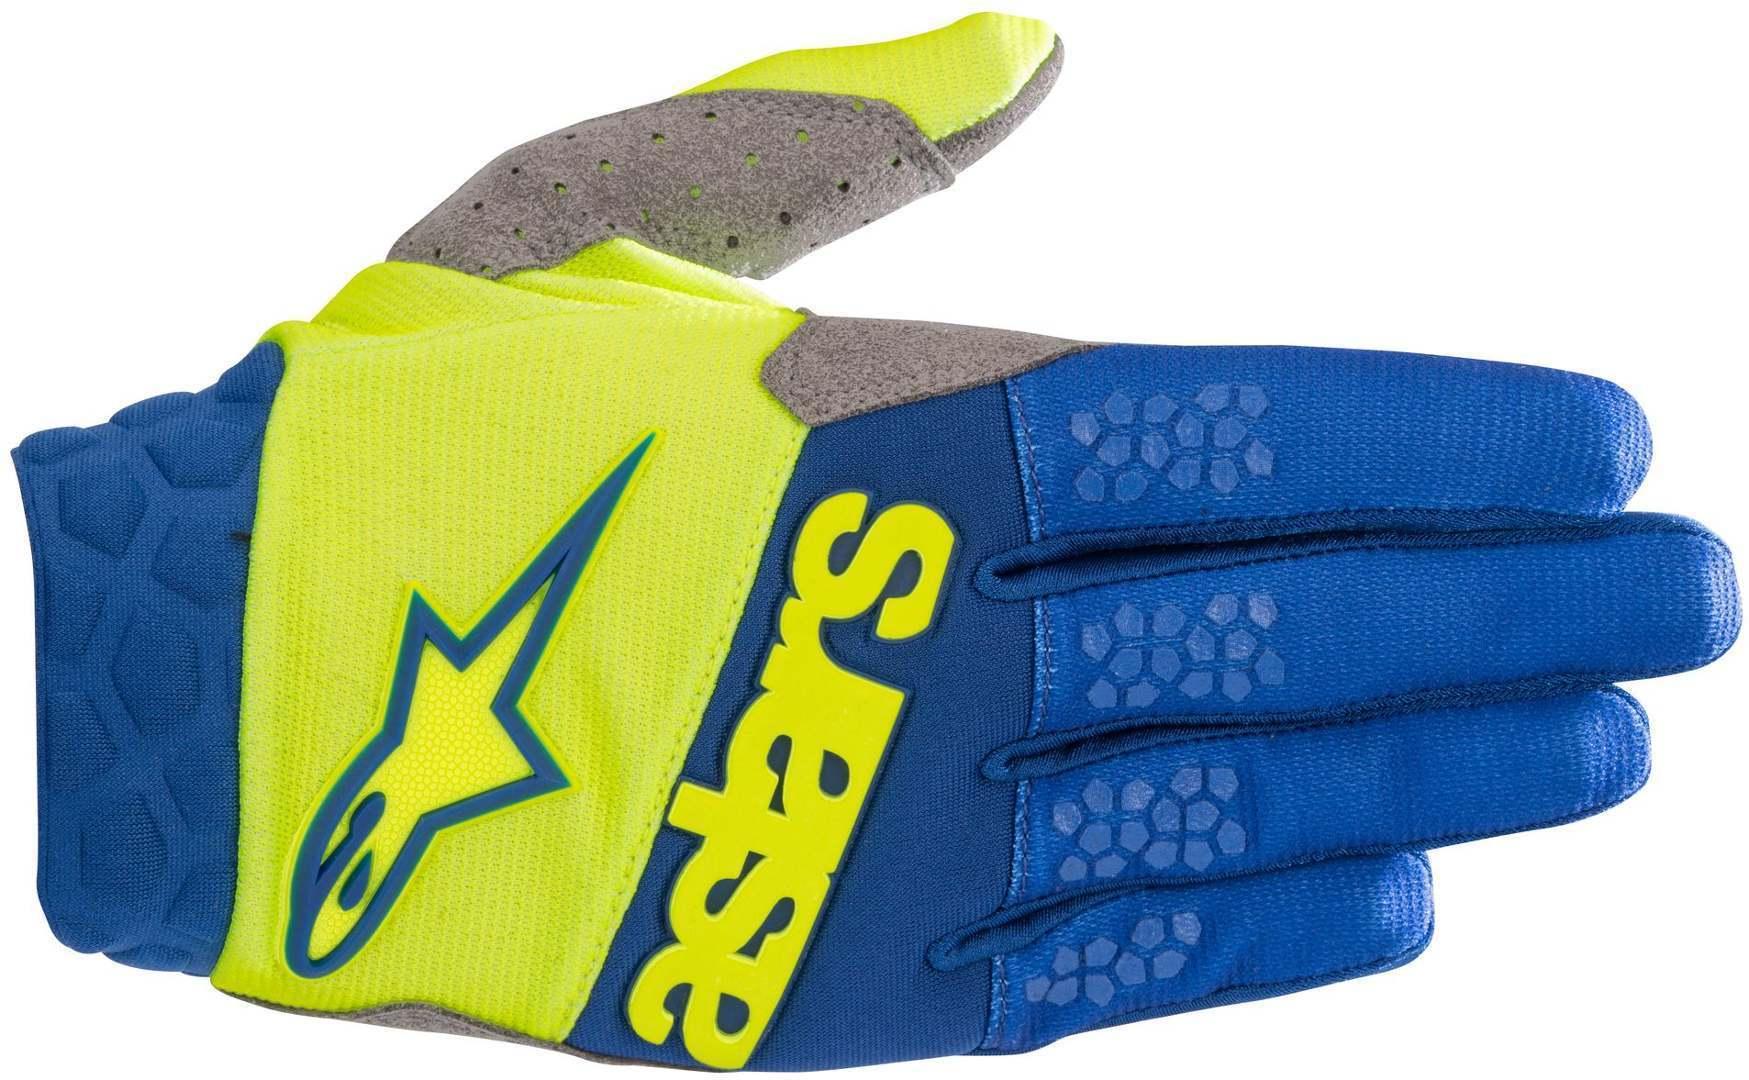 Alpinestars Racefend MX Textile Gloves Blue Yellow 2XL